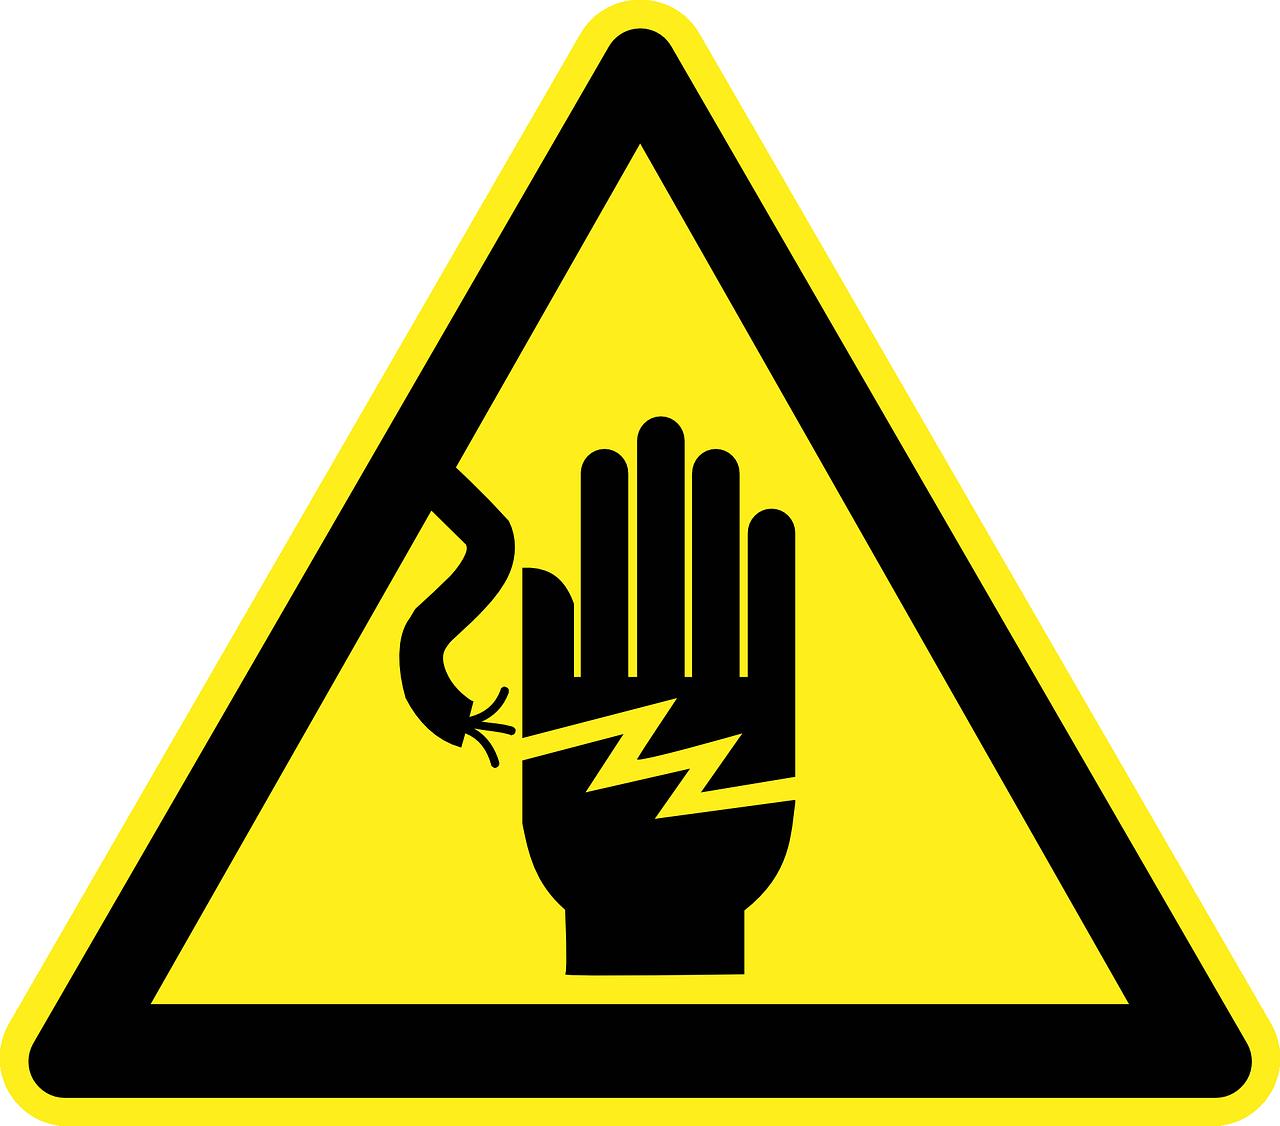 DIY Electrical Work? Bad Idea.